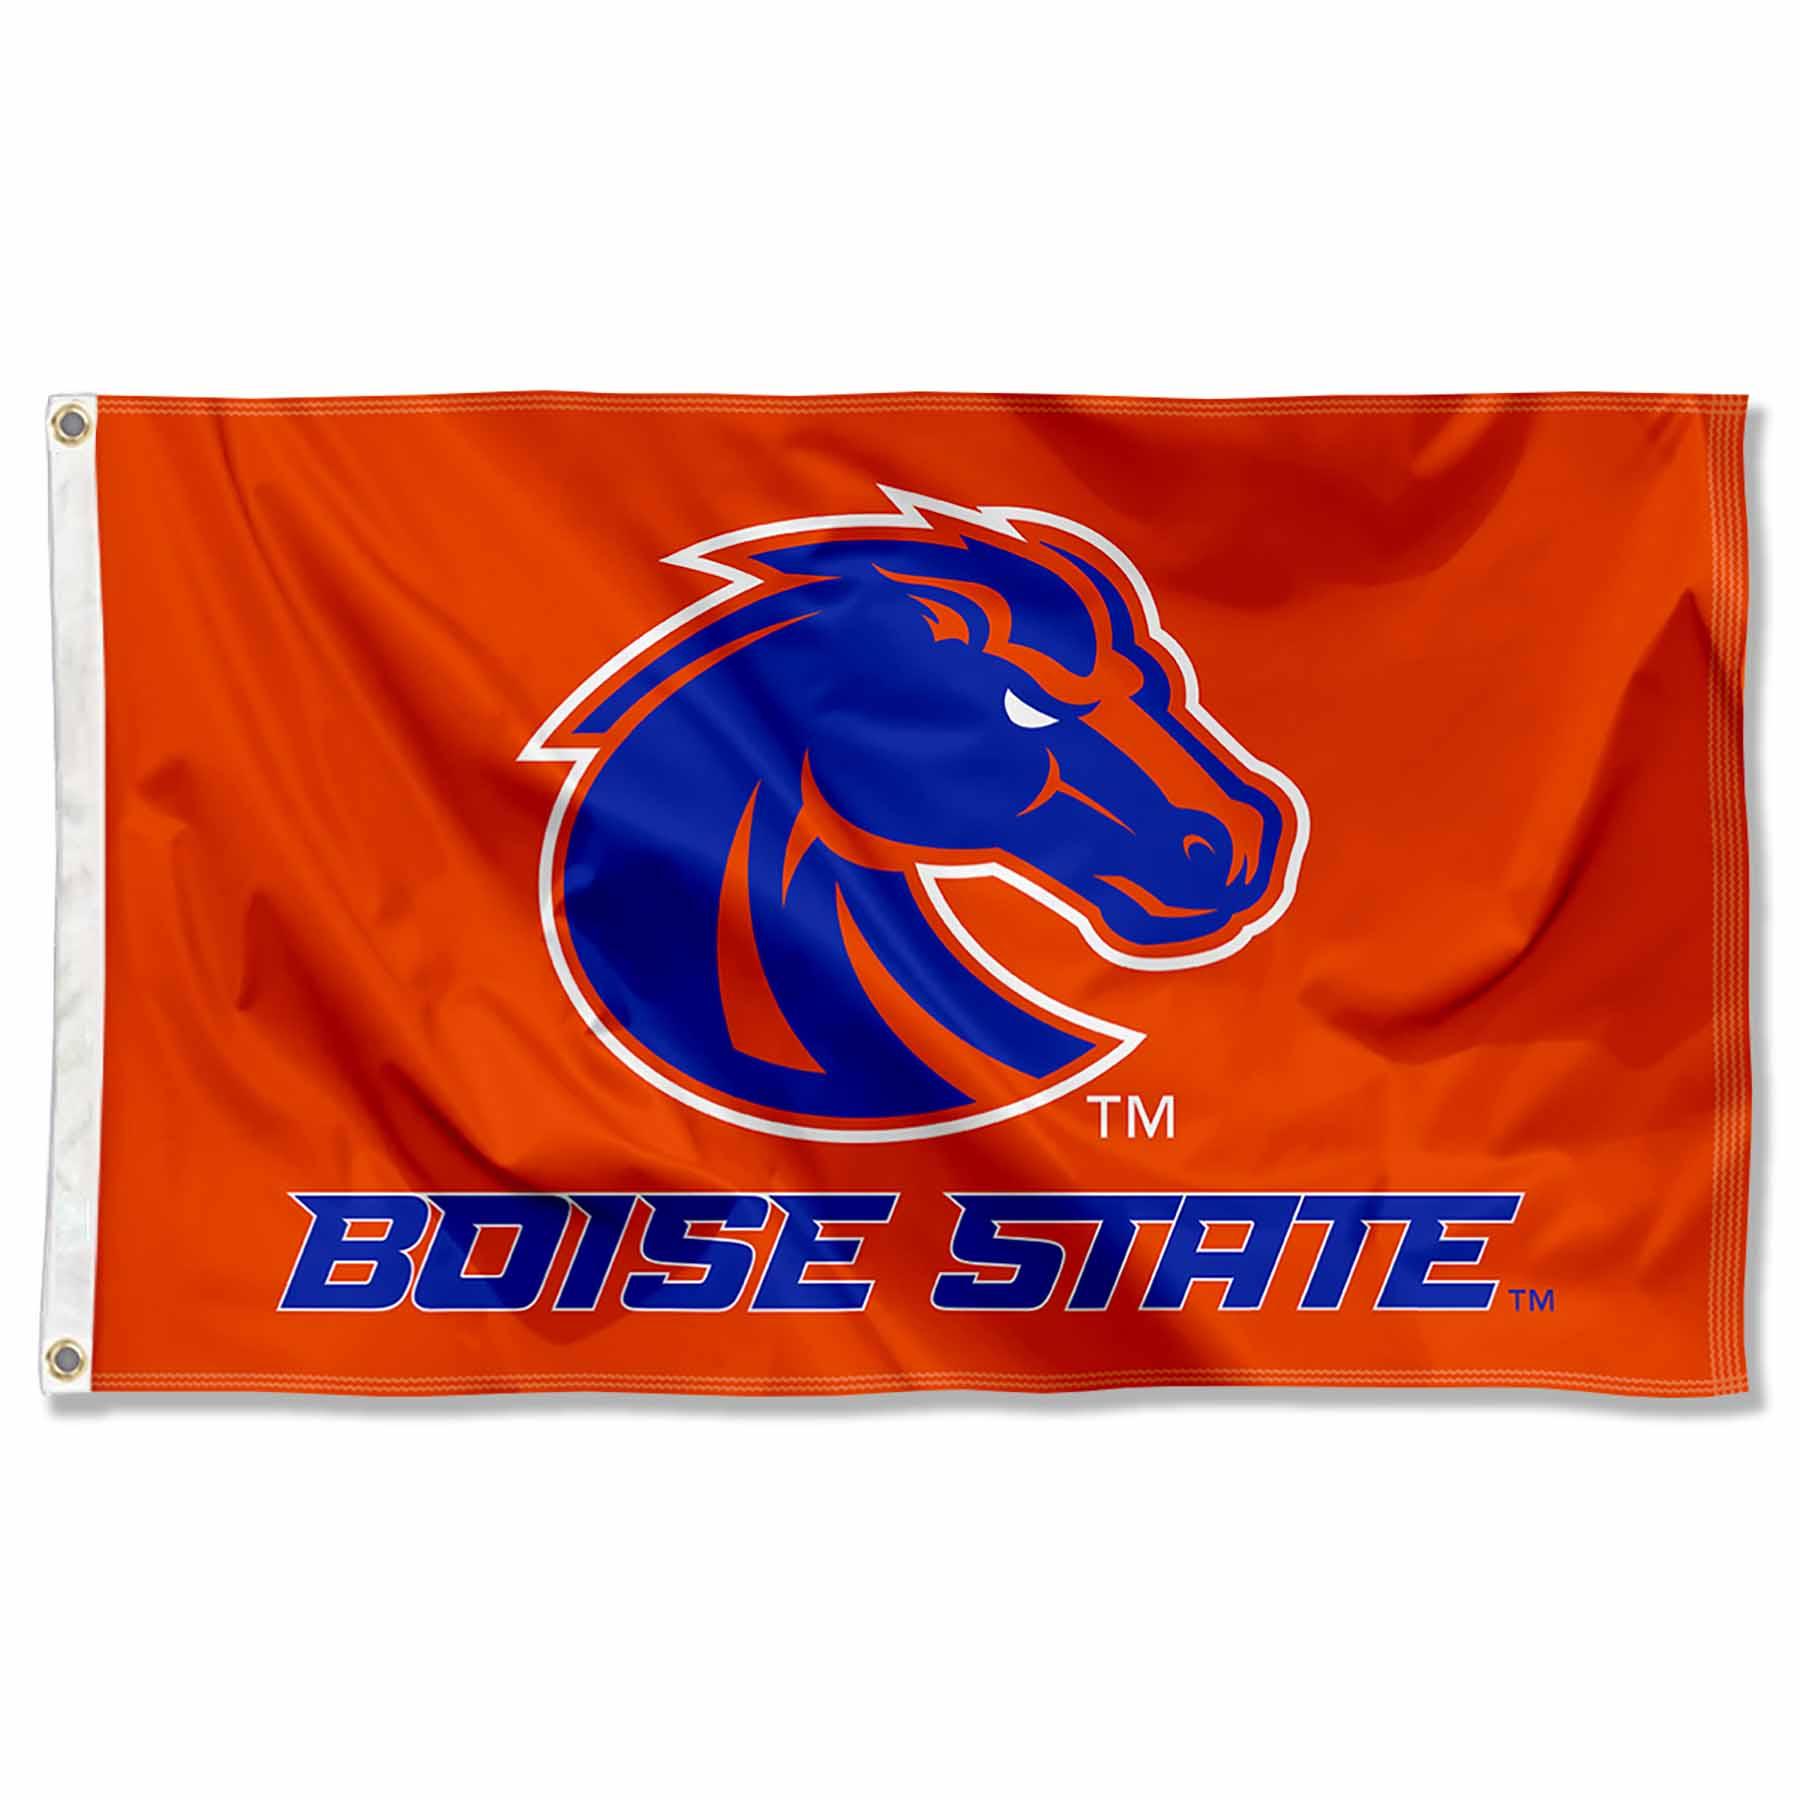 Boise State Broncos Orange Flag Large 3x5